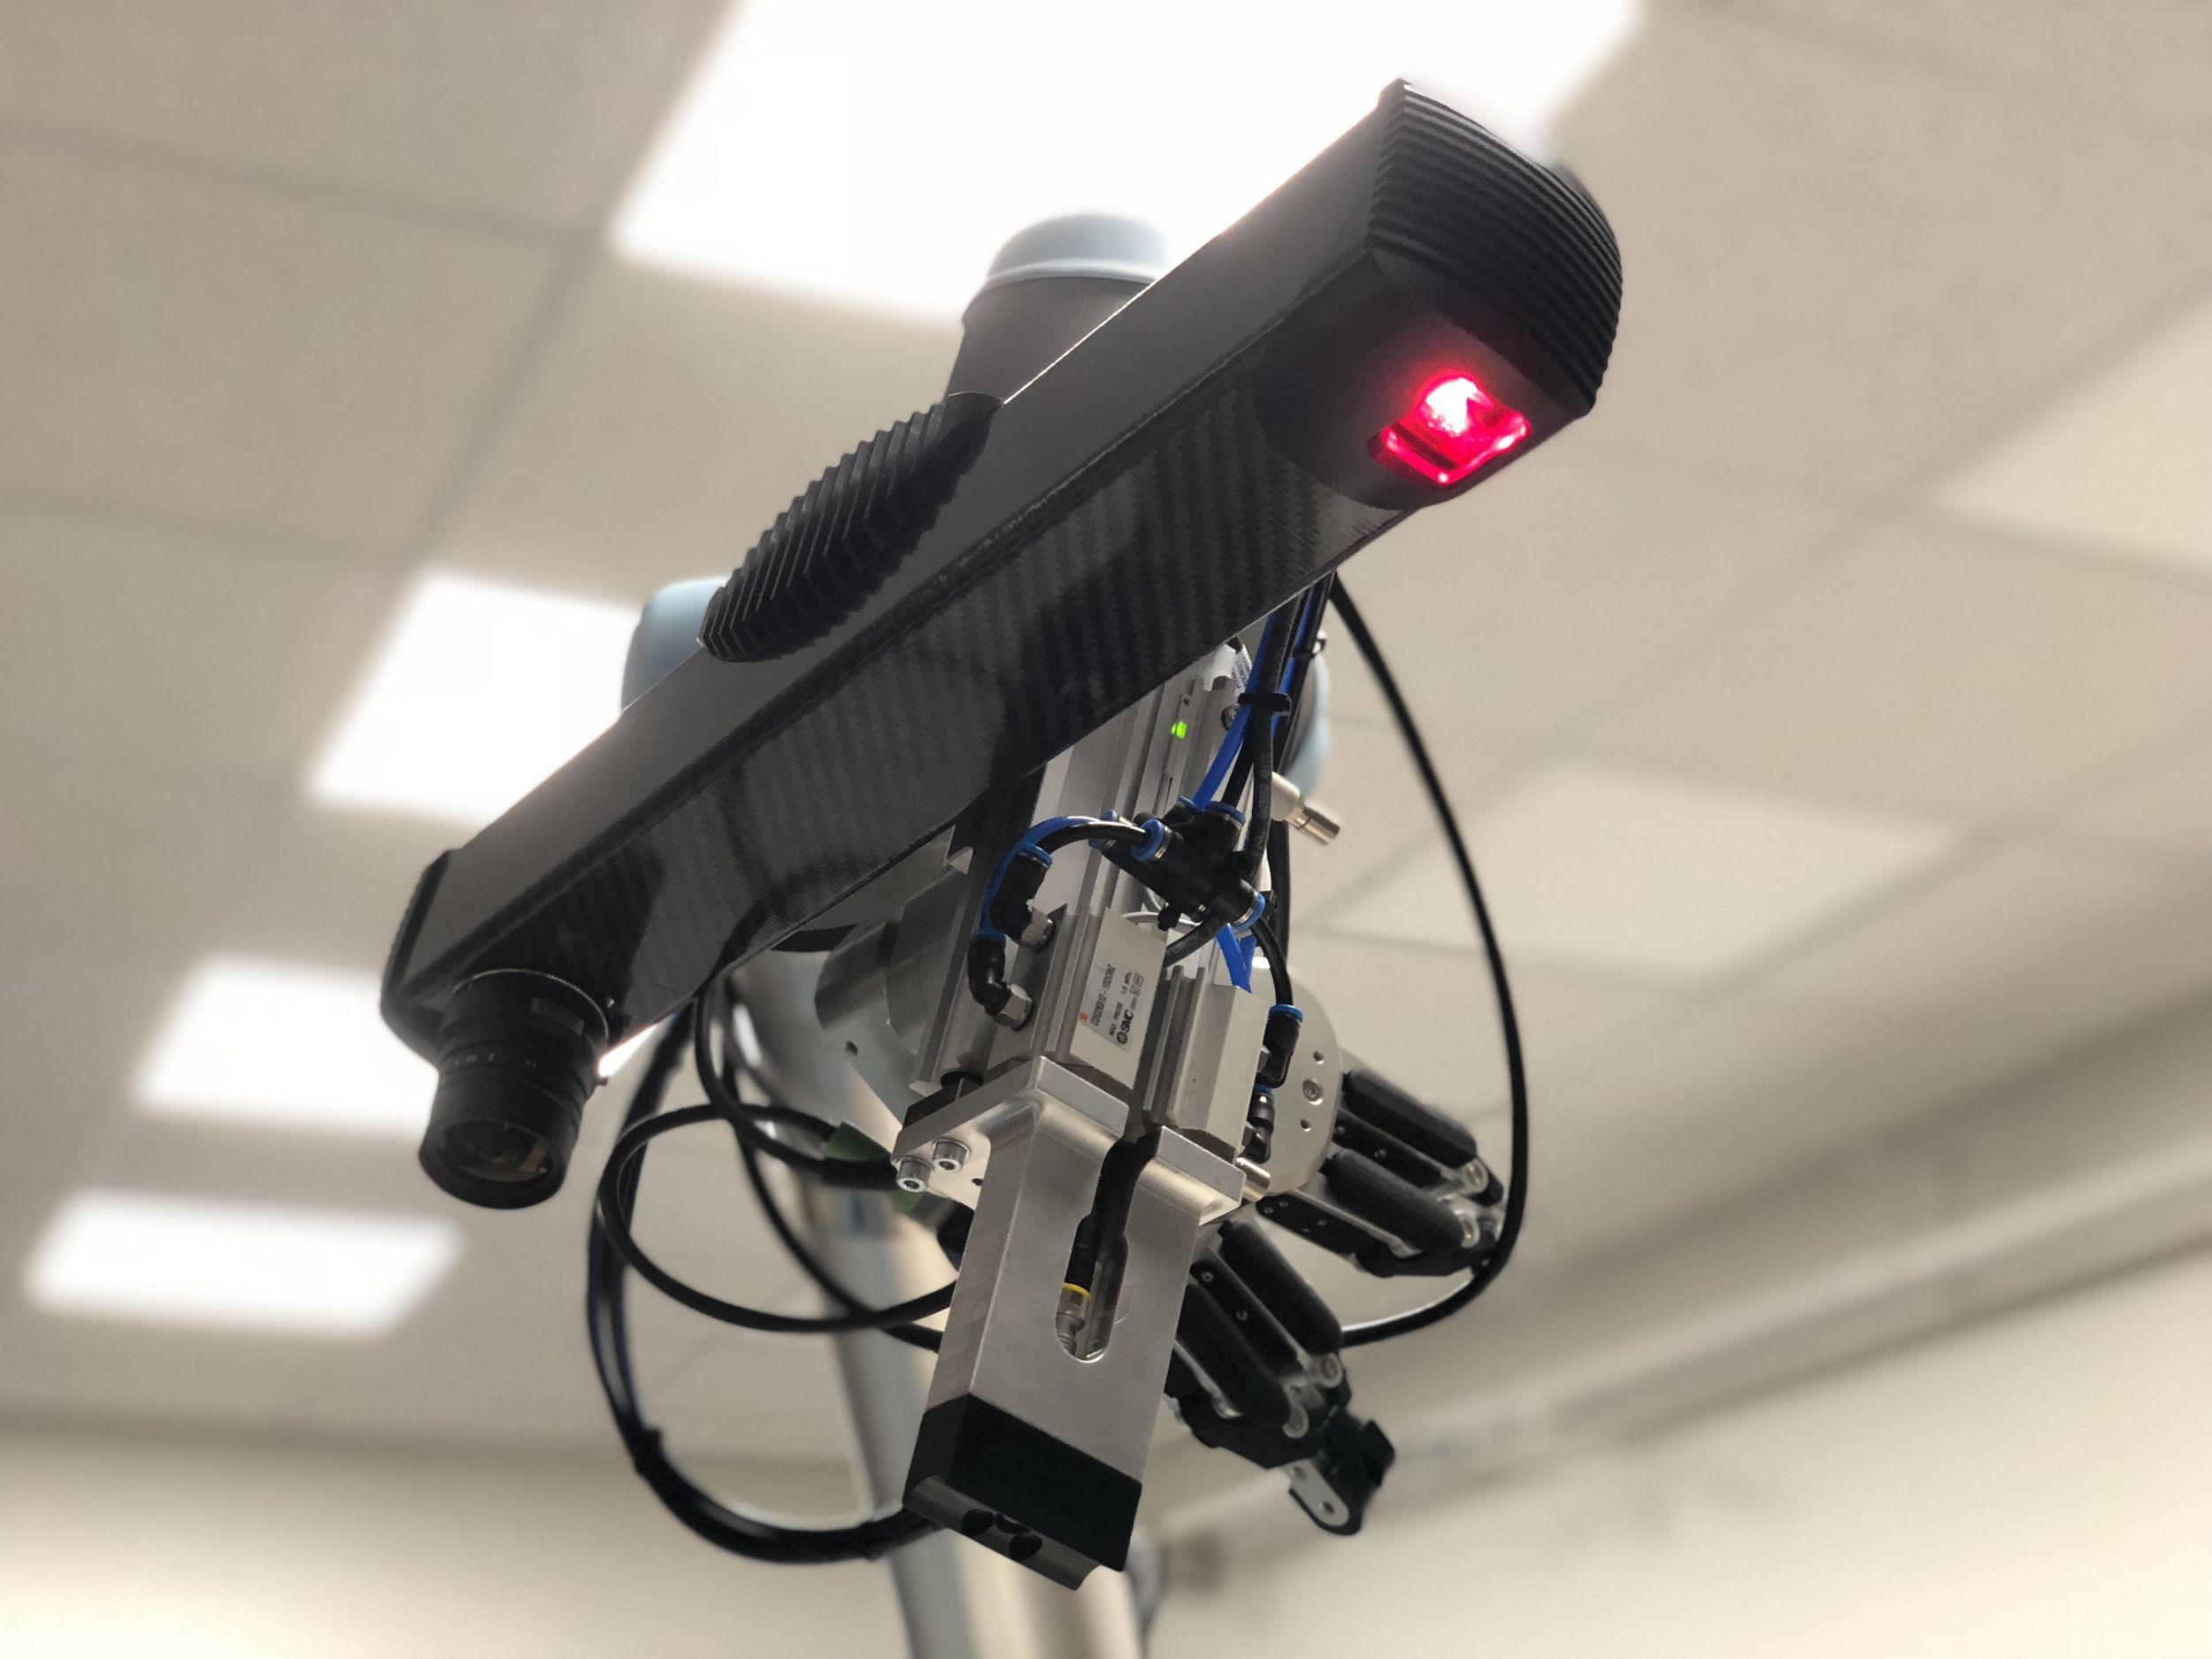 Schnelle und hochauflösende 3D-Kamera